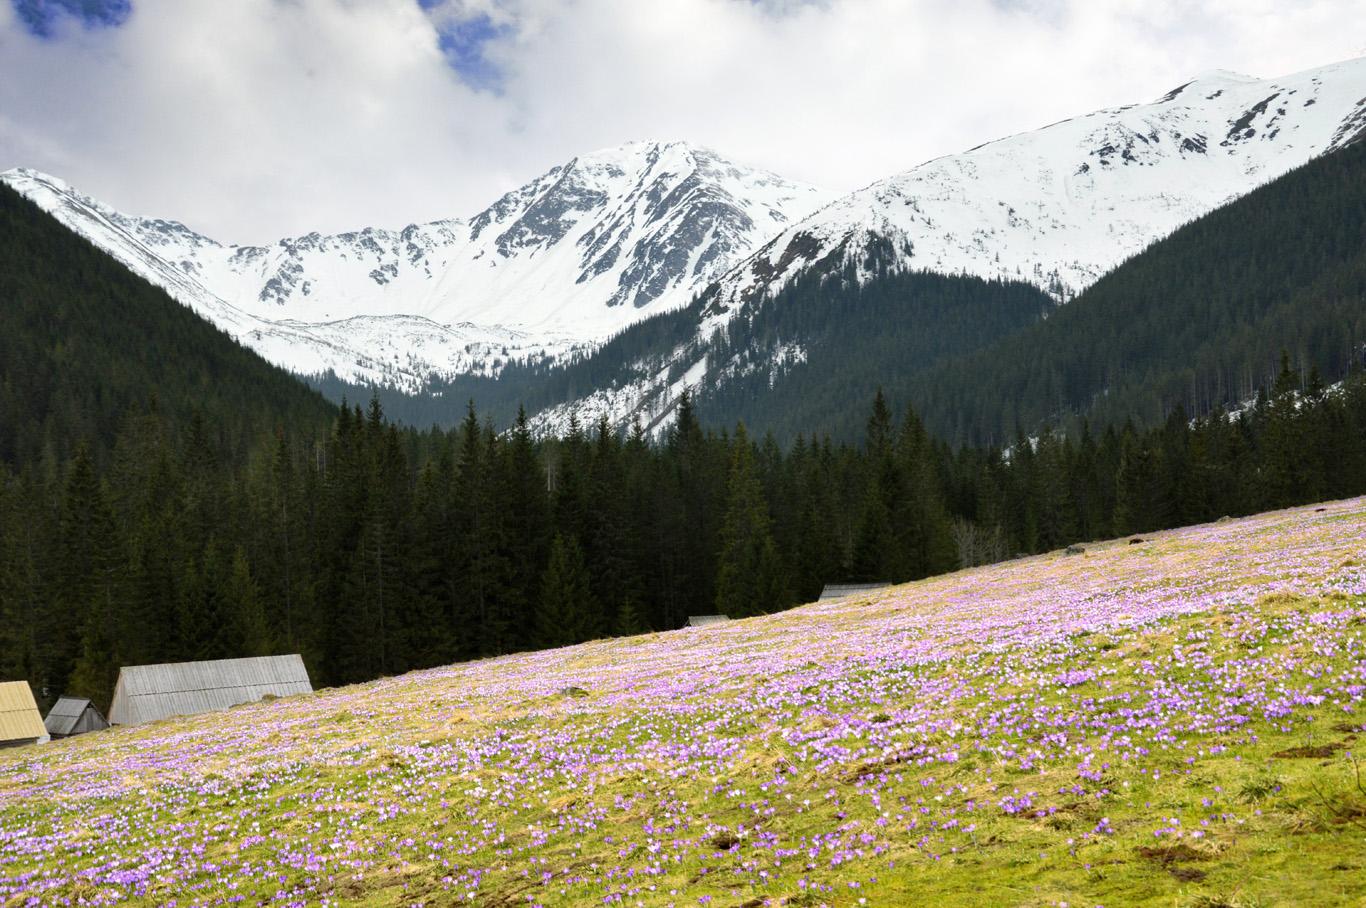 Snowy peaks and flowers